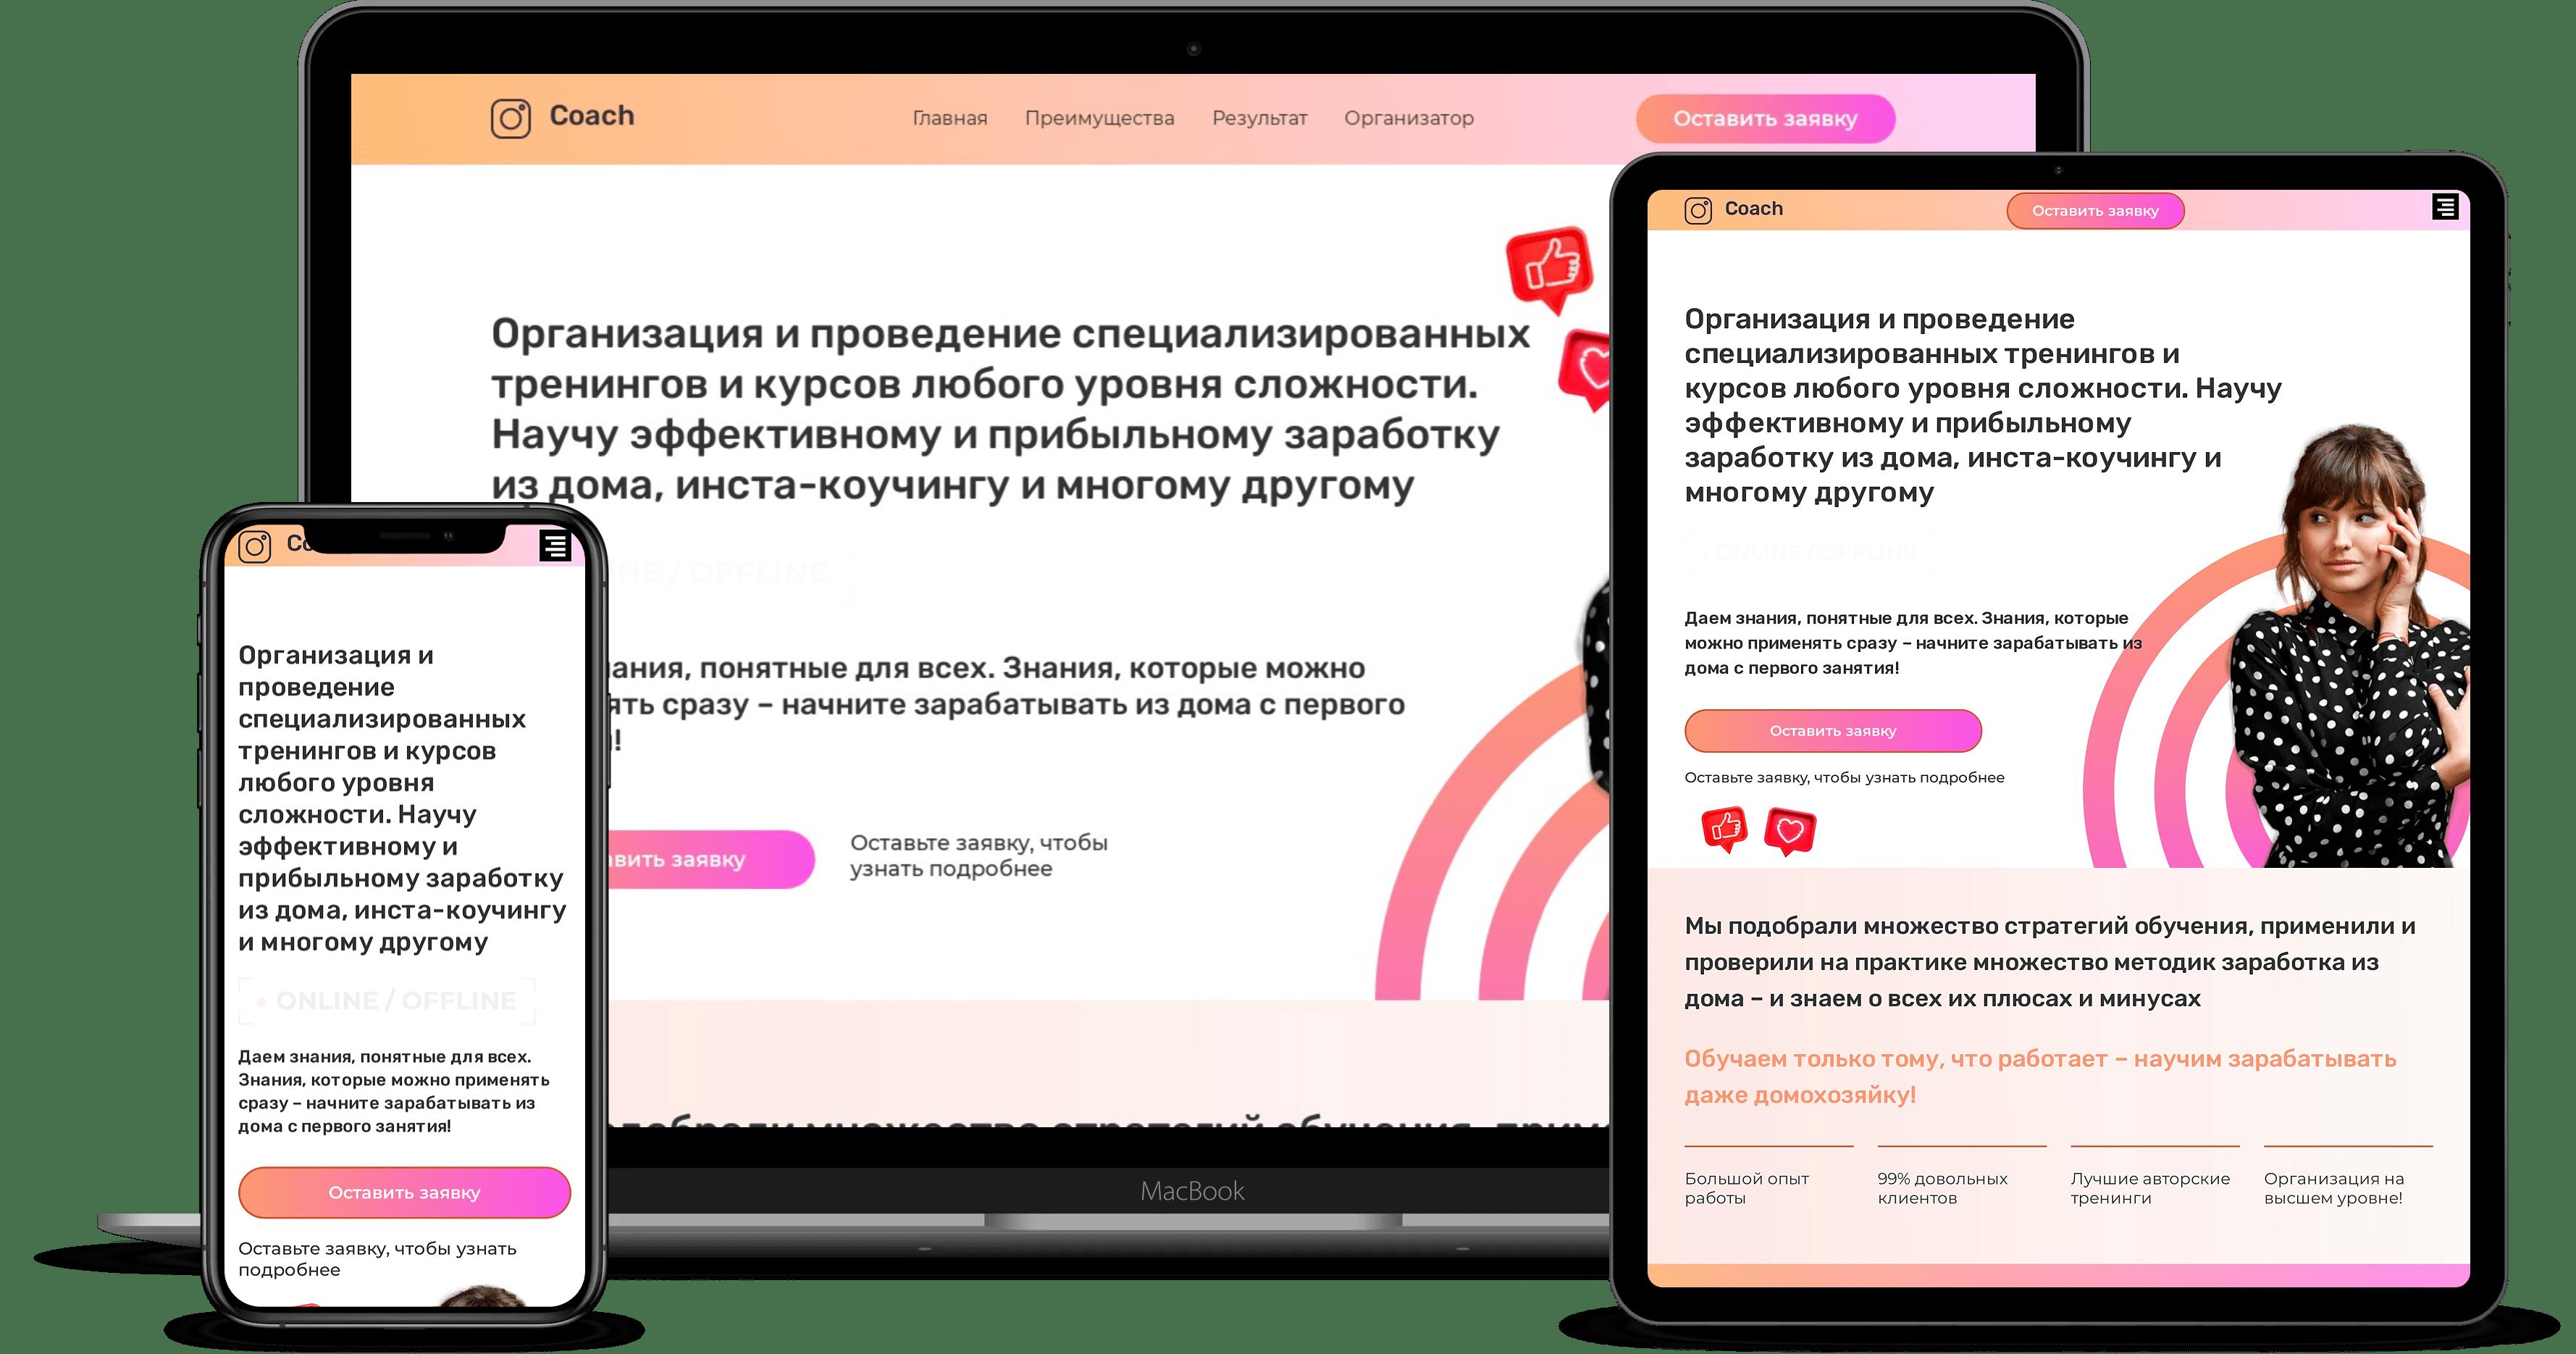 Сайт для Инстаграм Коуча